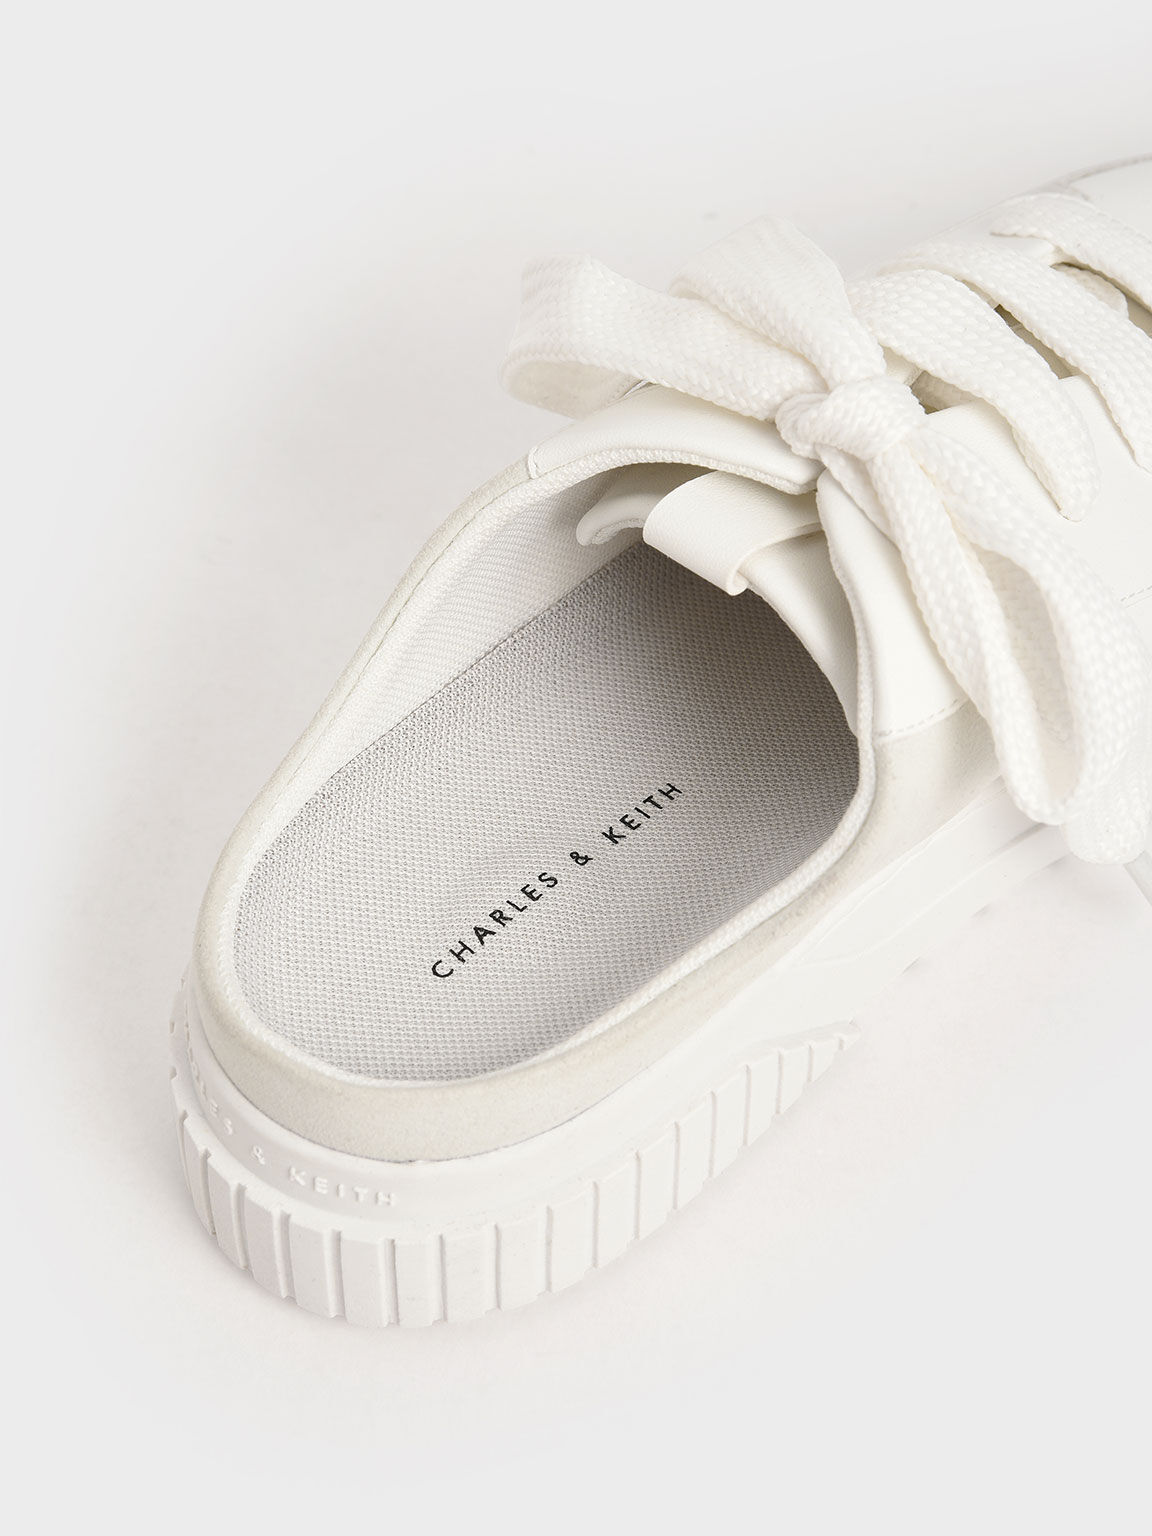 寬鞋帶懶人鞋, 白色, hi-res